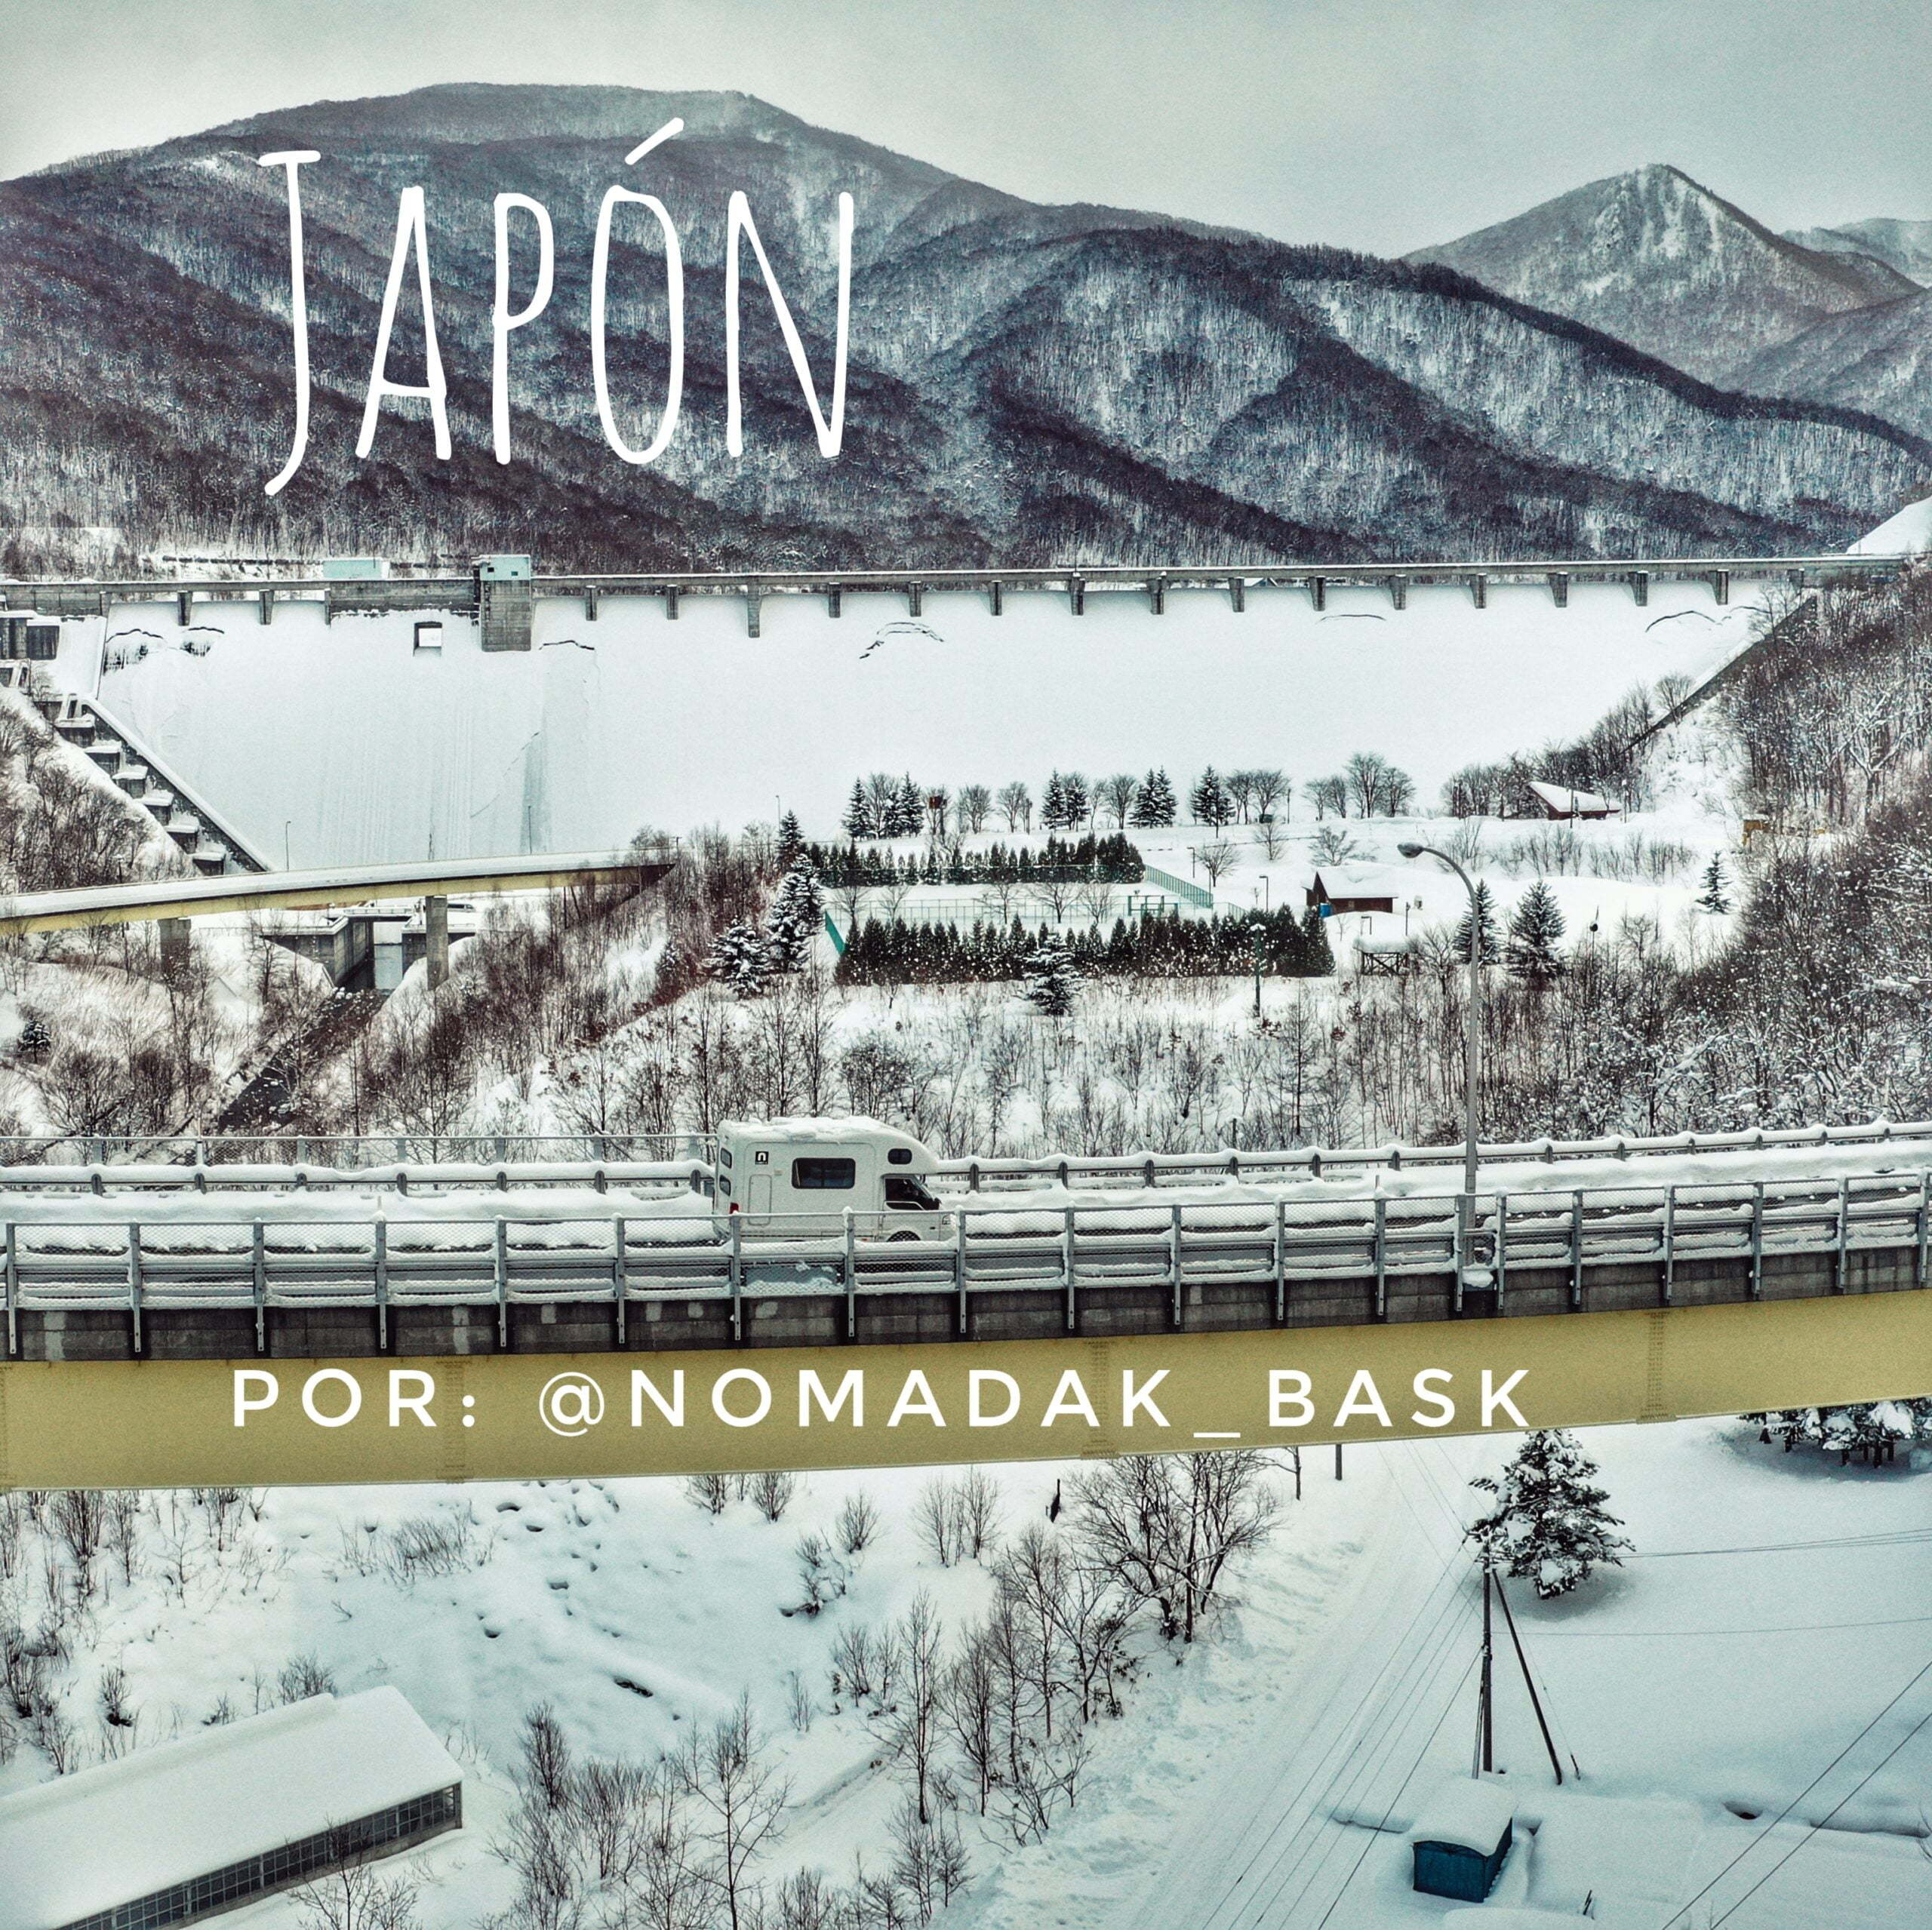 Giappone in camper, un viaggio per gli amanti dello sci di @nomadak_bask